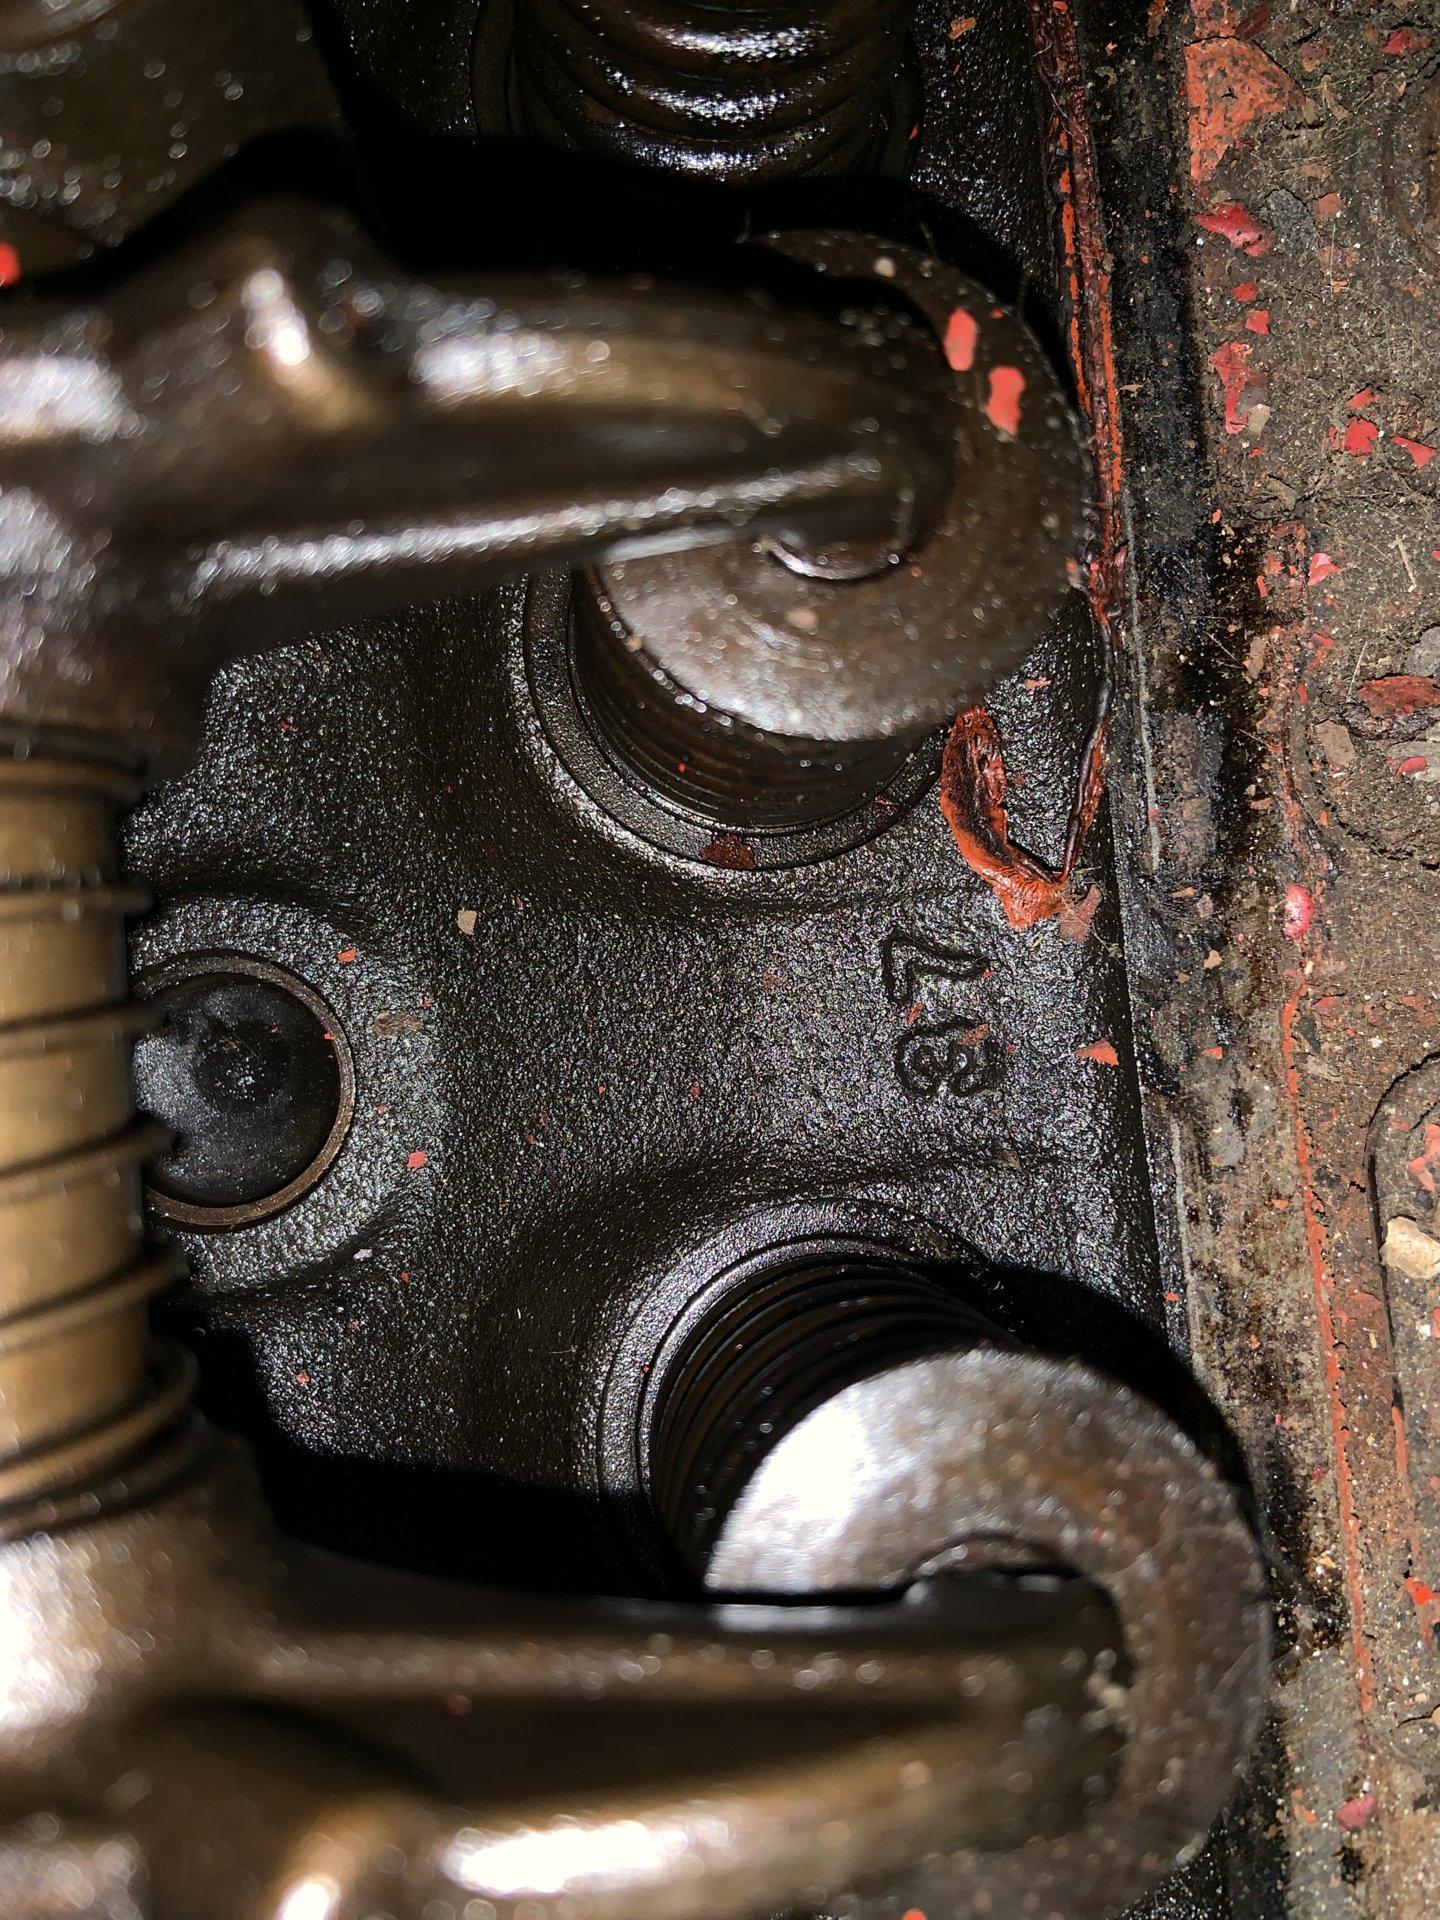 5E16ADDE-FEFC-40B7-8CBF-3CD4DC318D41.jpeg